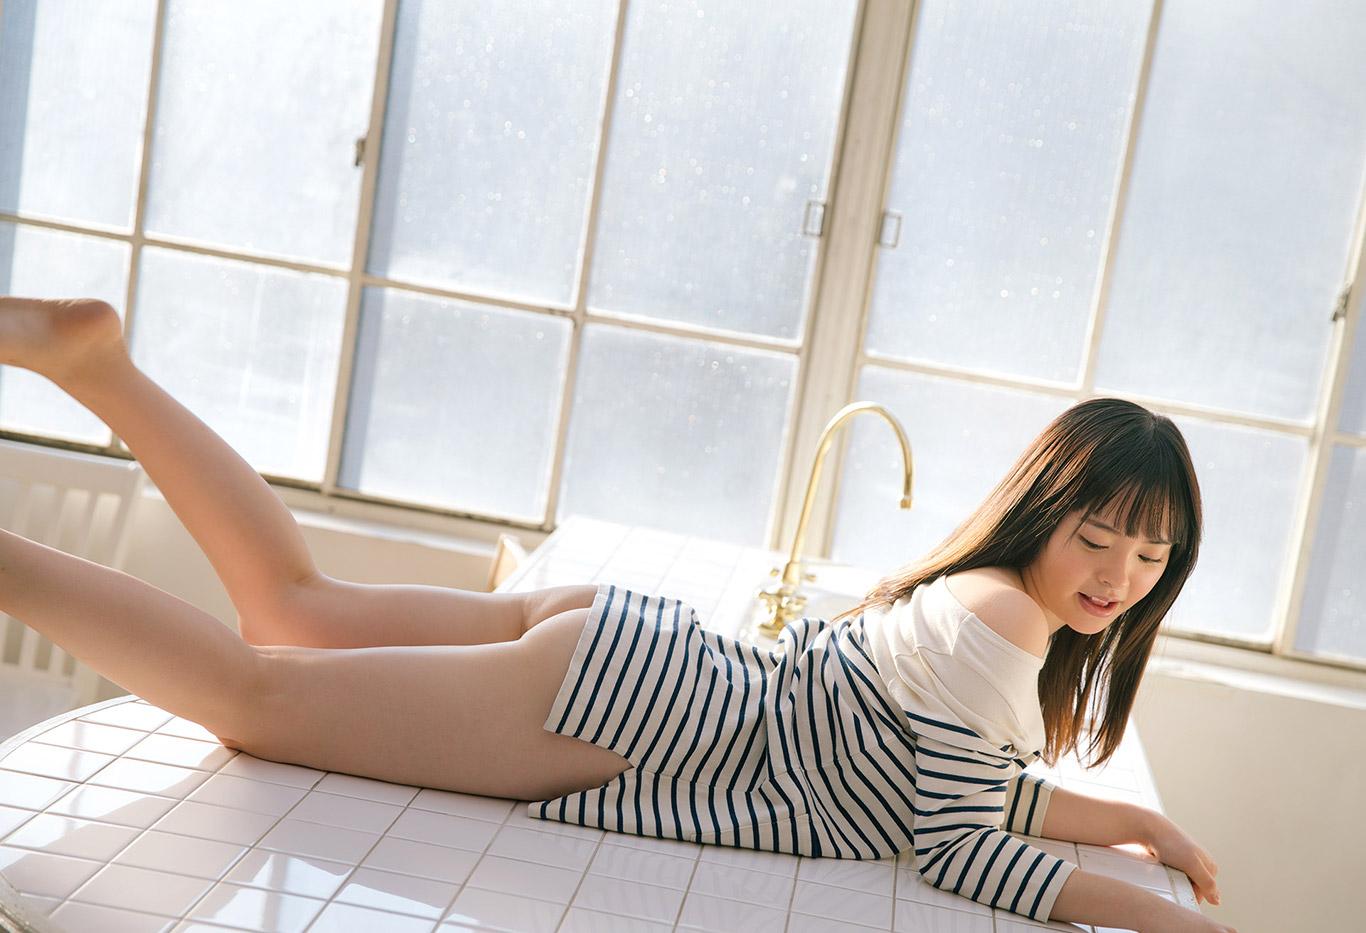 image http://scanlover.com/assets/images/272-eLEVE63llzqmUIeS.jpeg